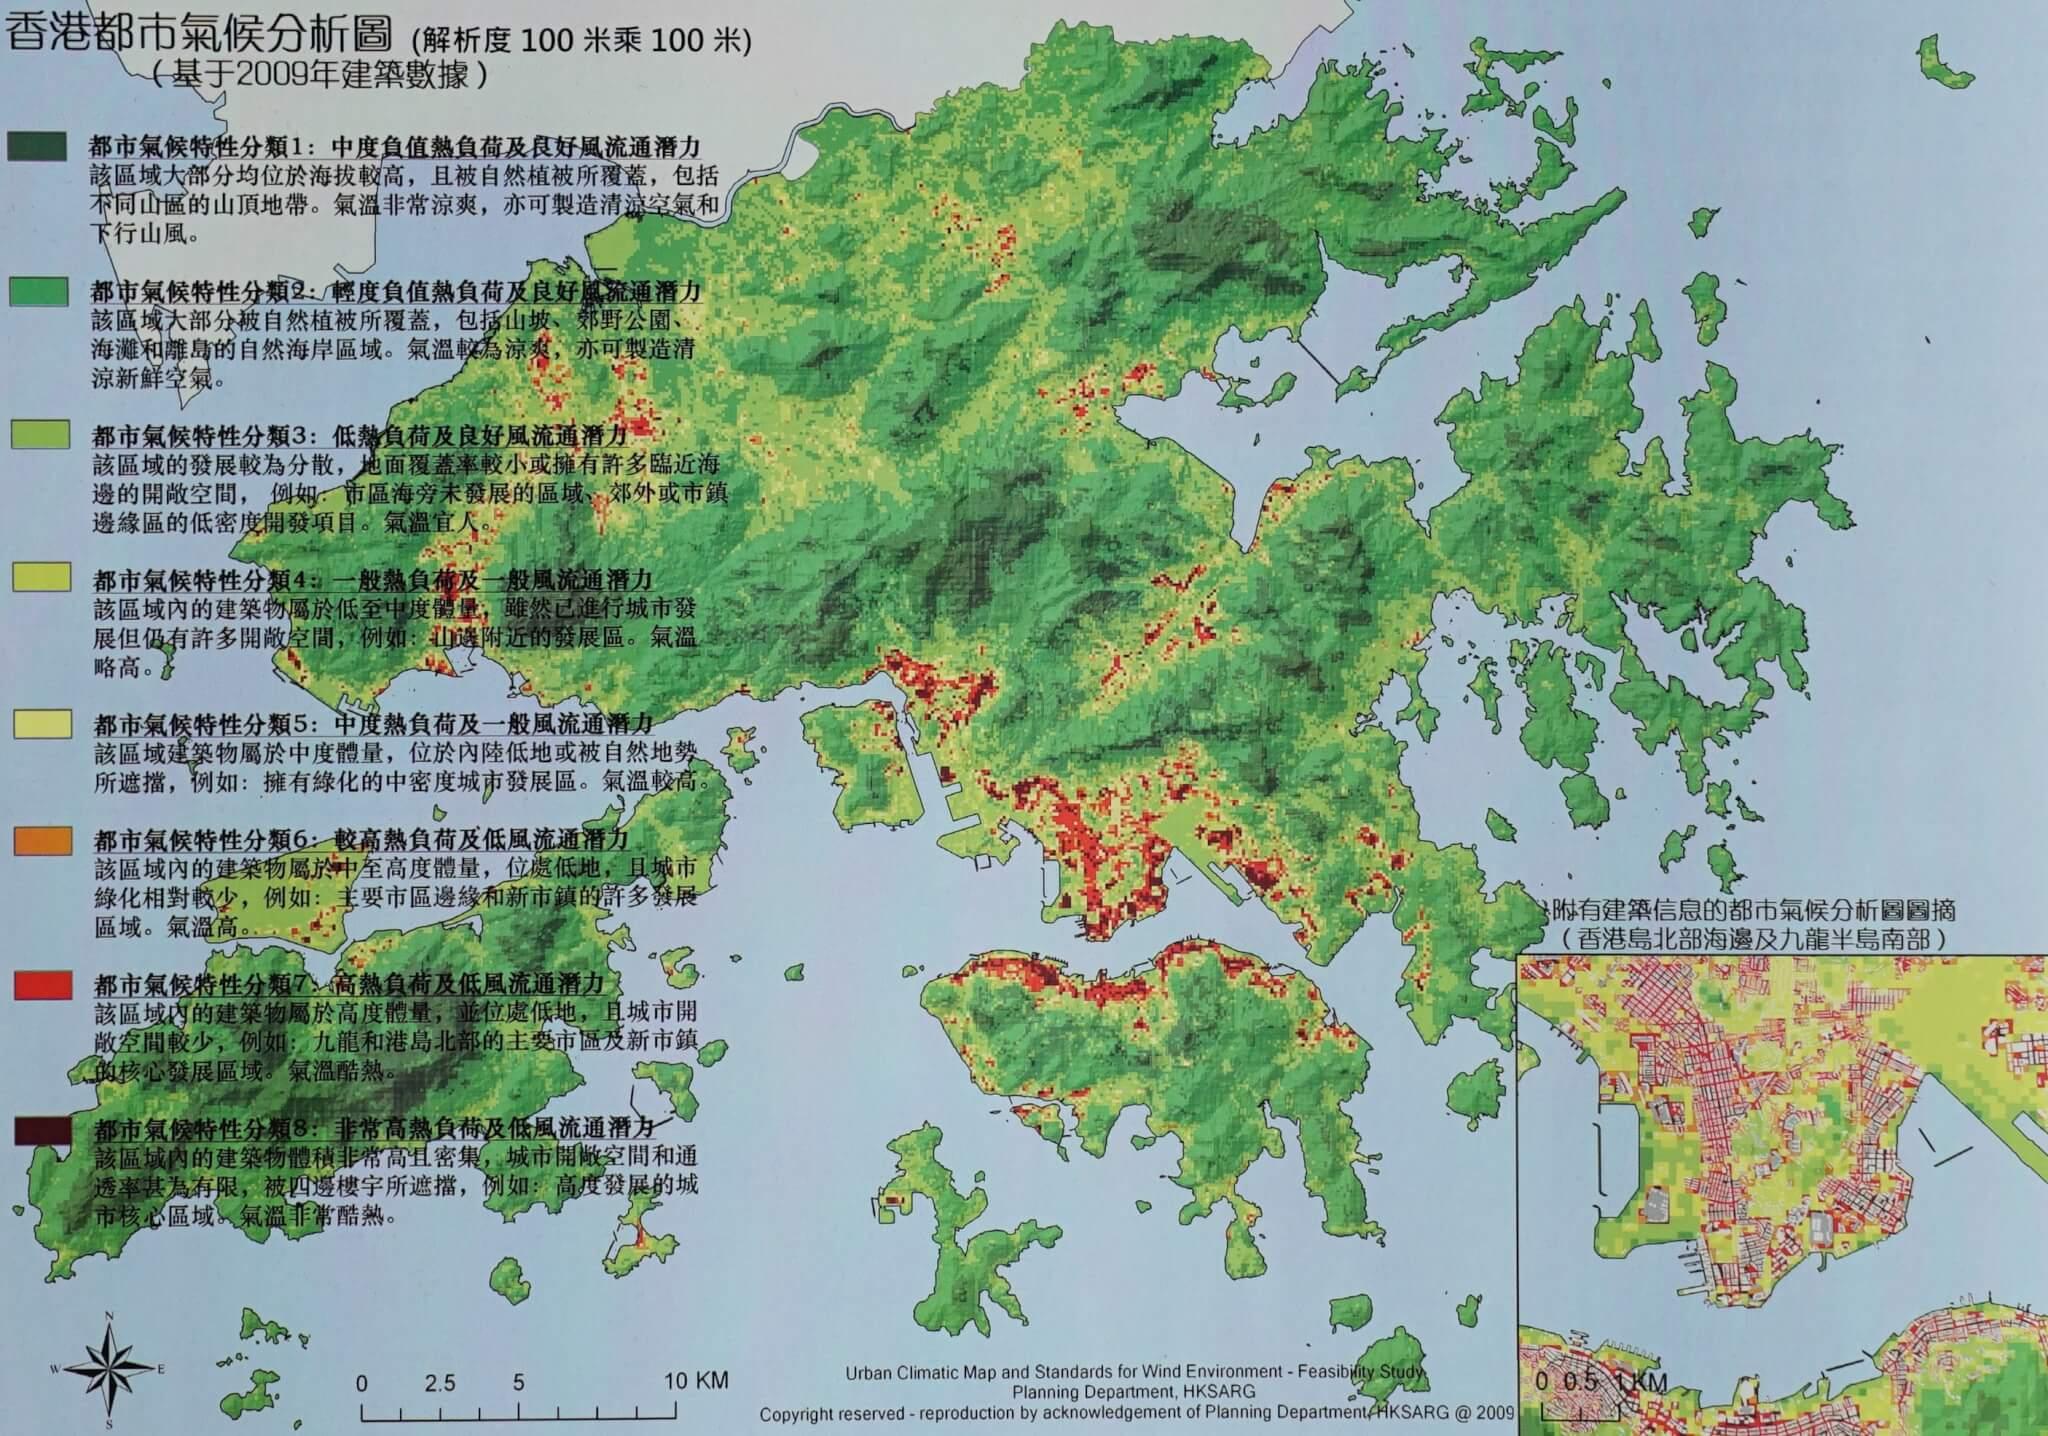 吳恩融及其團隊花六年時間製作全港都市氣候圖,將地區分成八個氣候特性,圖中紅色和深紅色的地方表示熱負荷最高,而風流通潛力最低的地方。